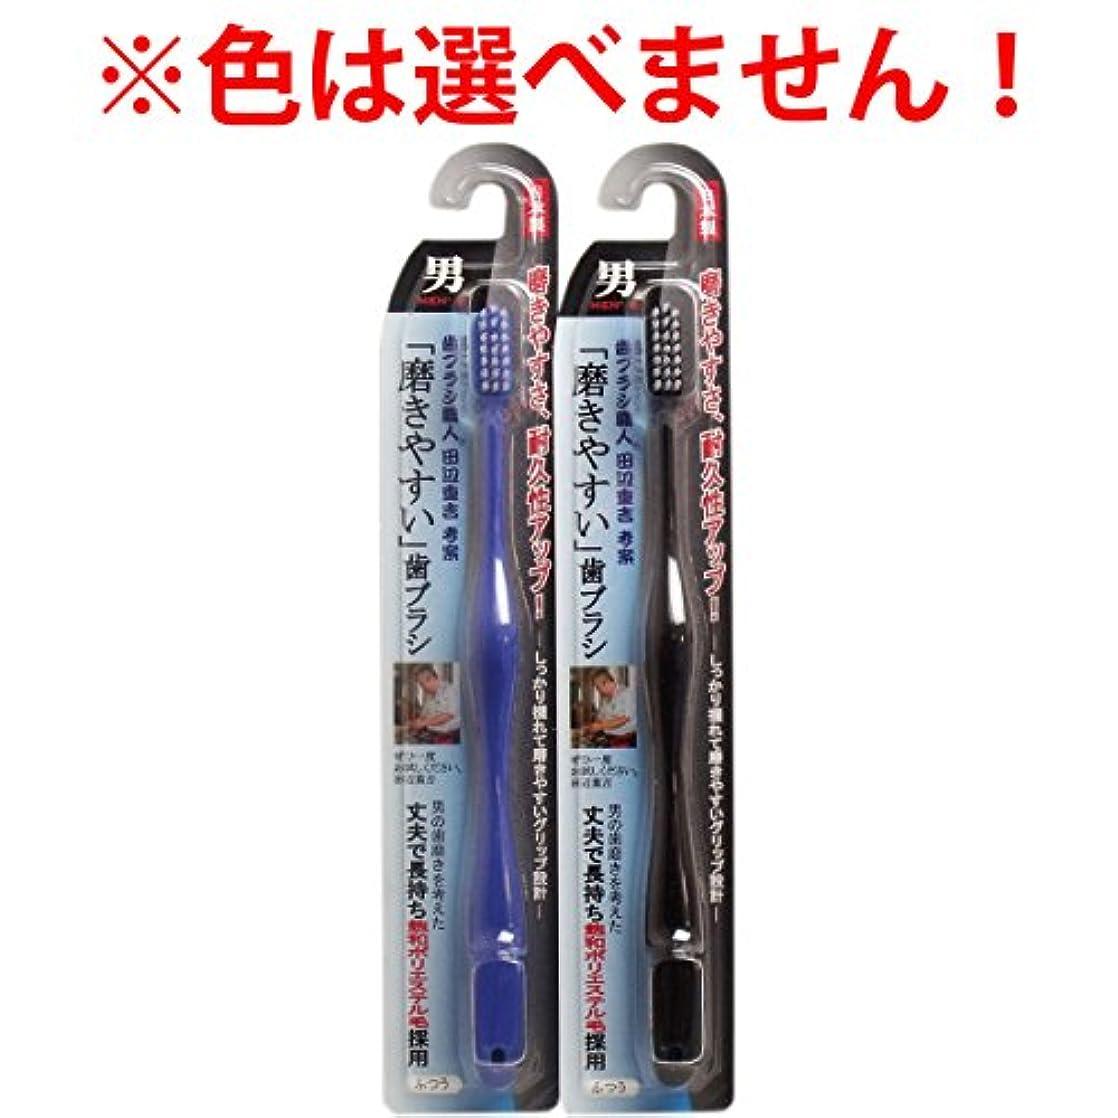 修正効果的マーベルライフレンジ 「磨きやすい」歯ブラシ男 LT-08 1本